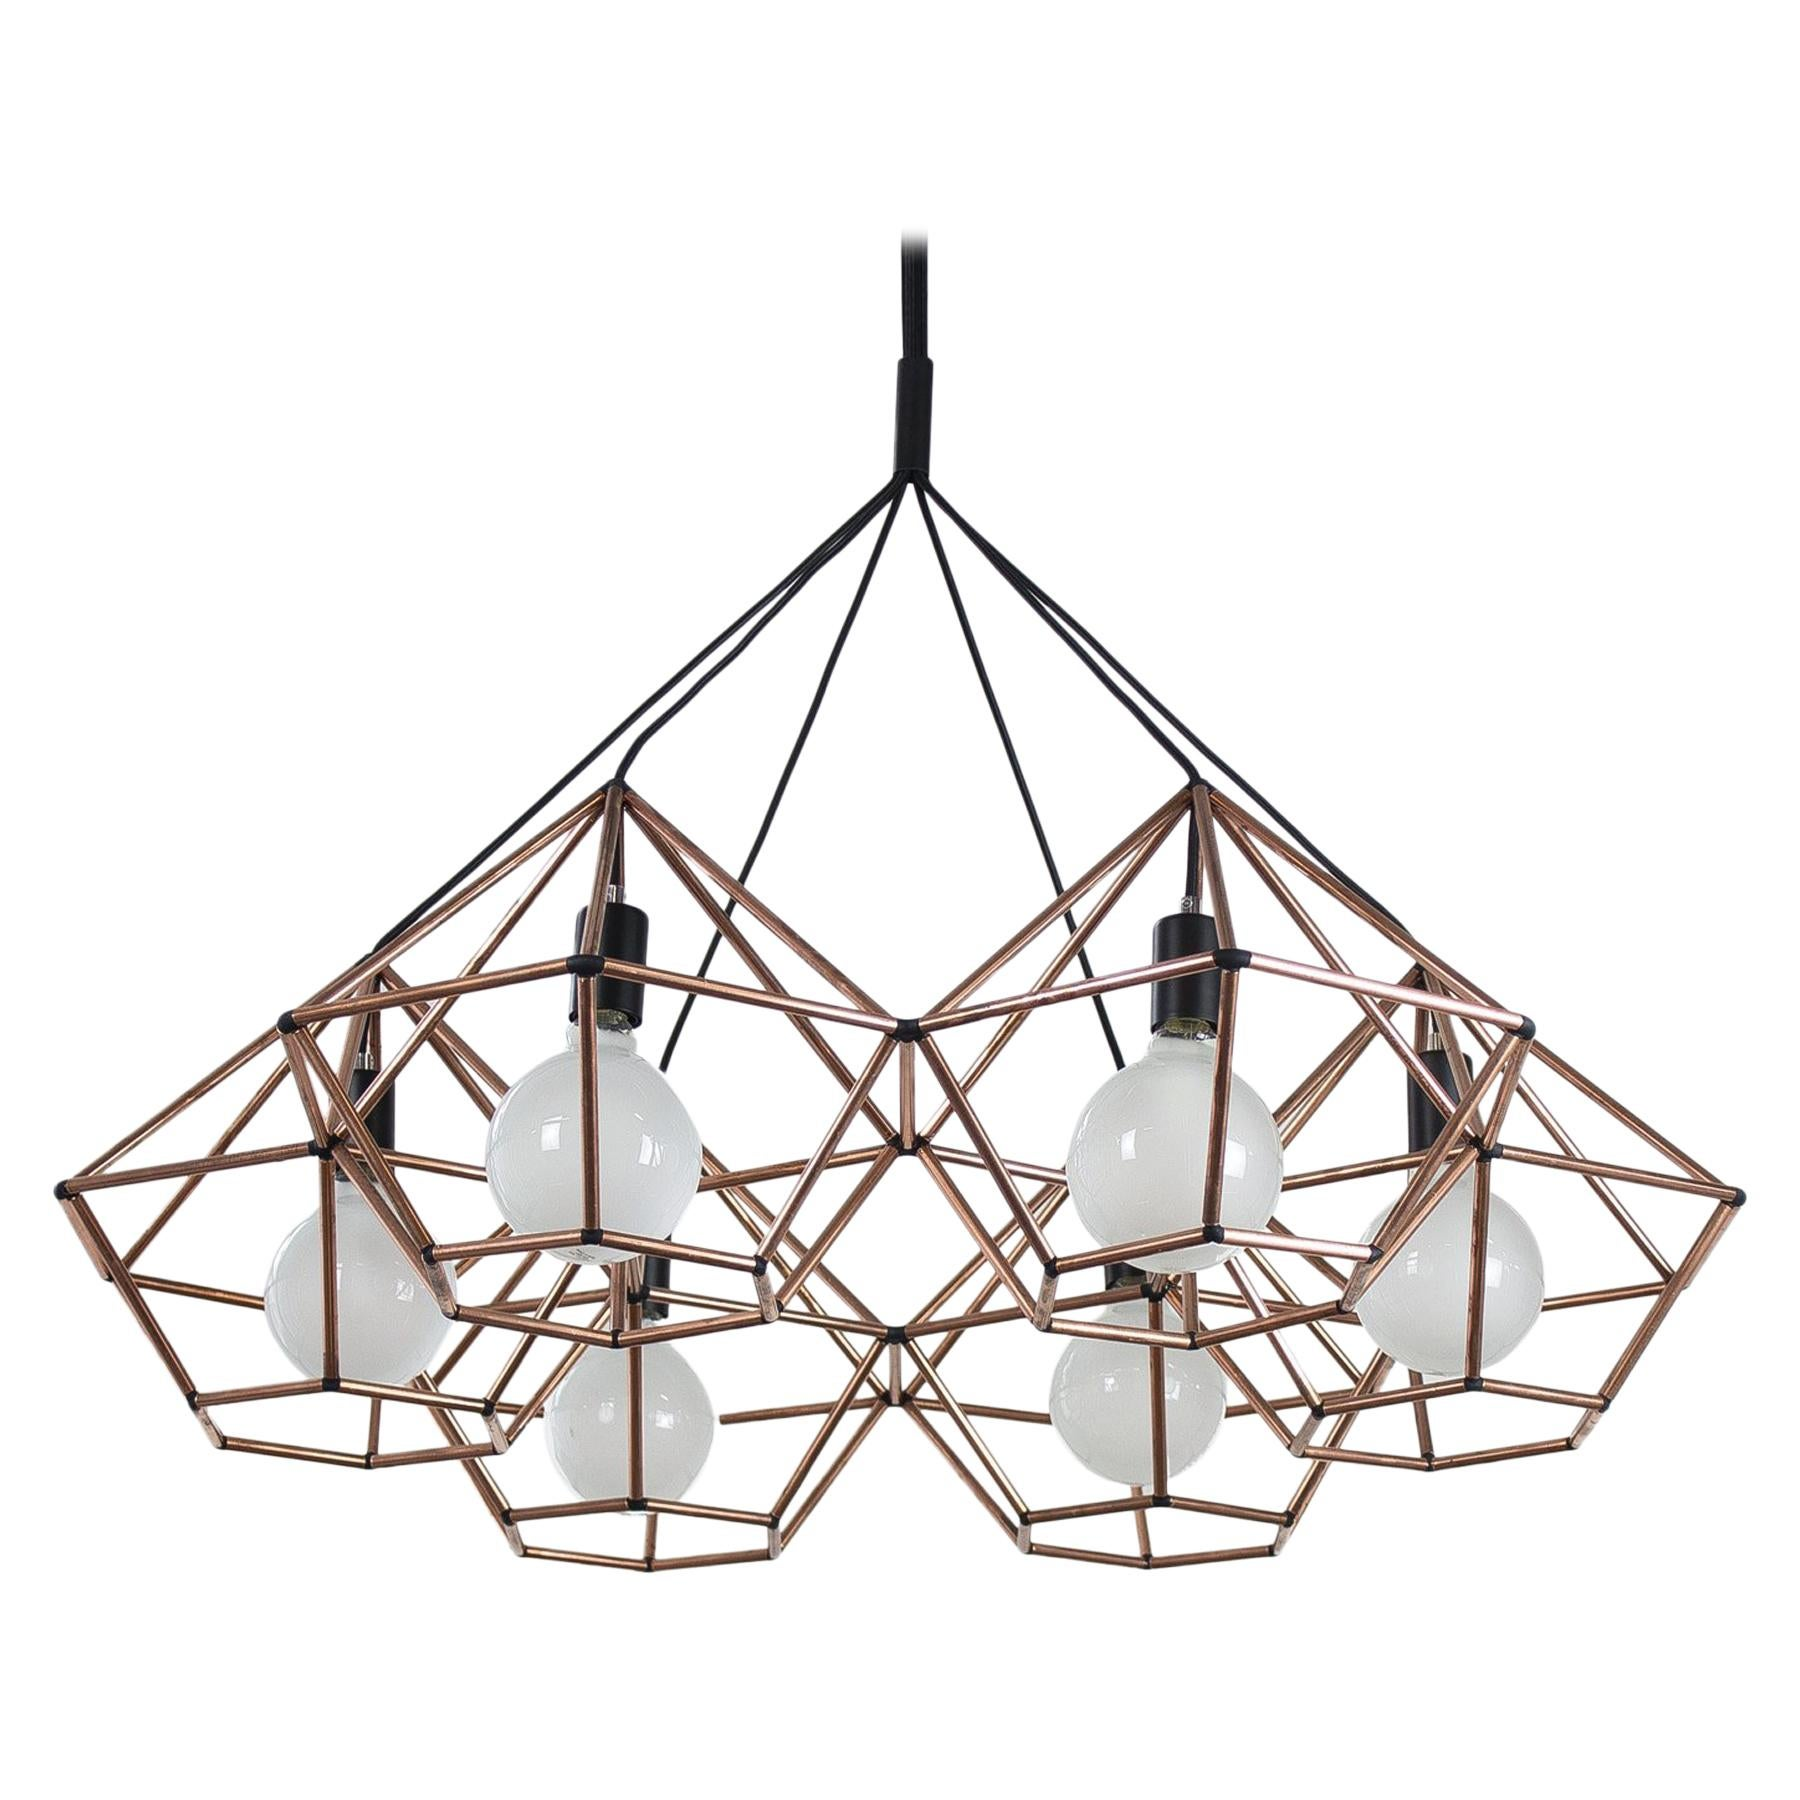 Rough Diamond Chandelier, Modern, Copper Tube, Geometric, Pendant Light